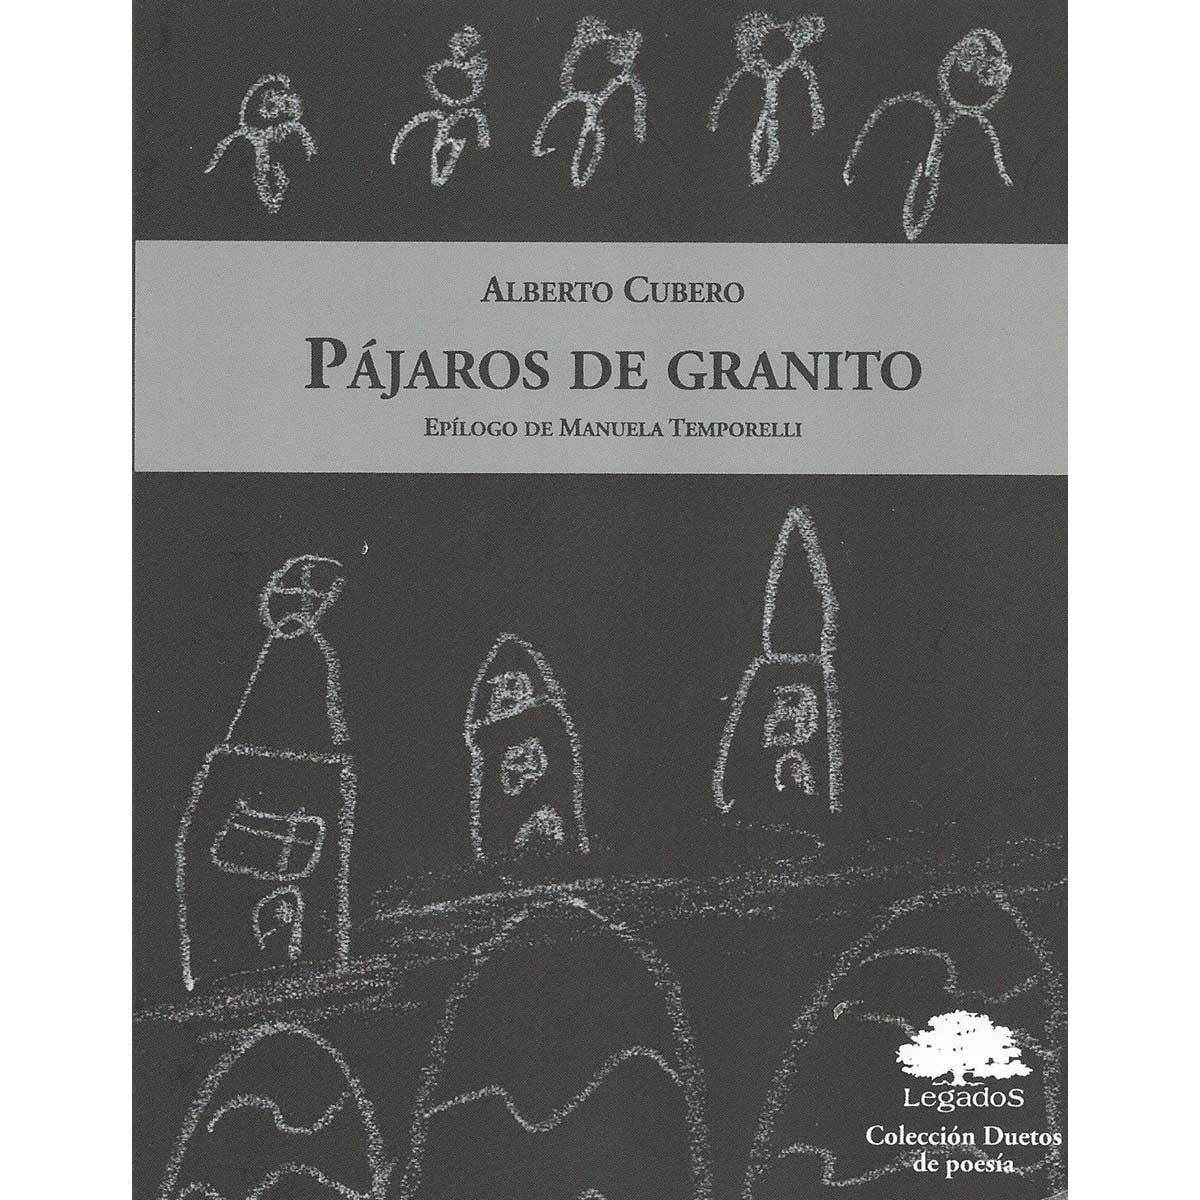 ALBERTO CUBERO - Pájaros de granito.